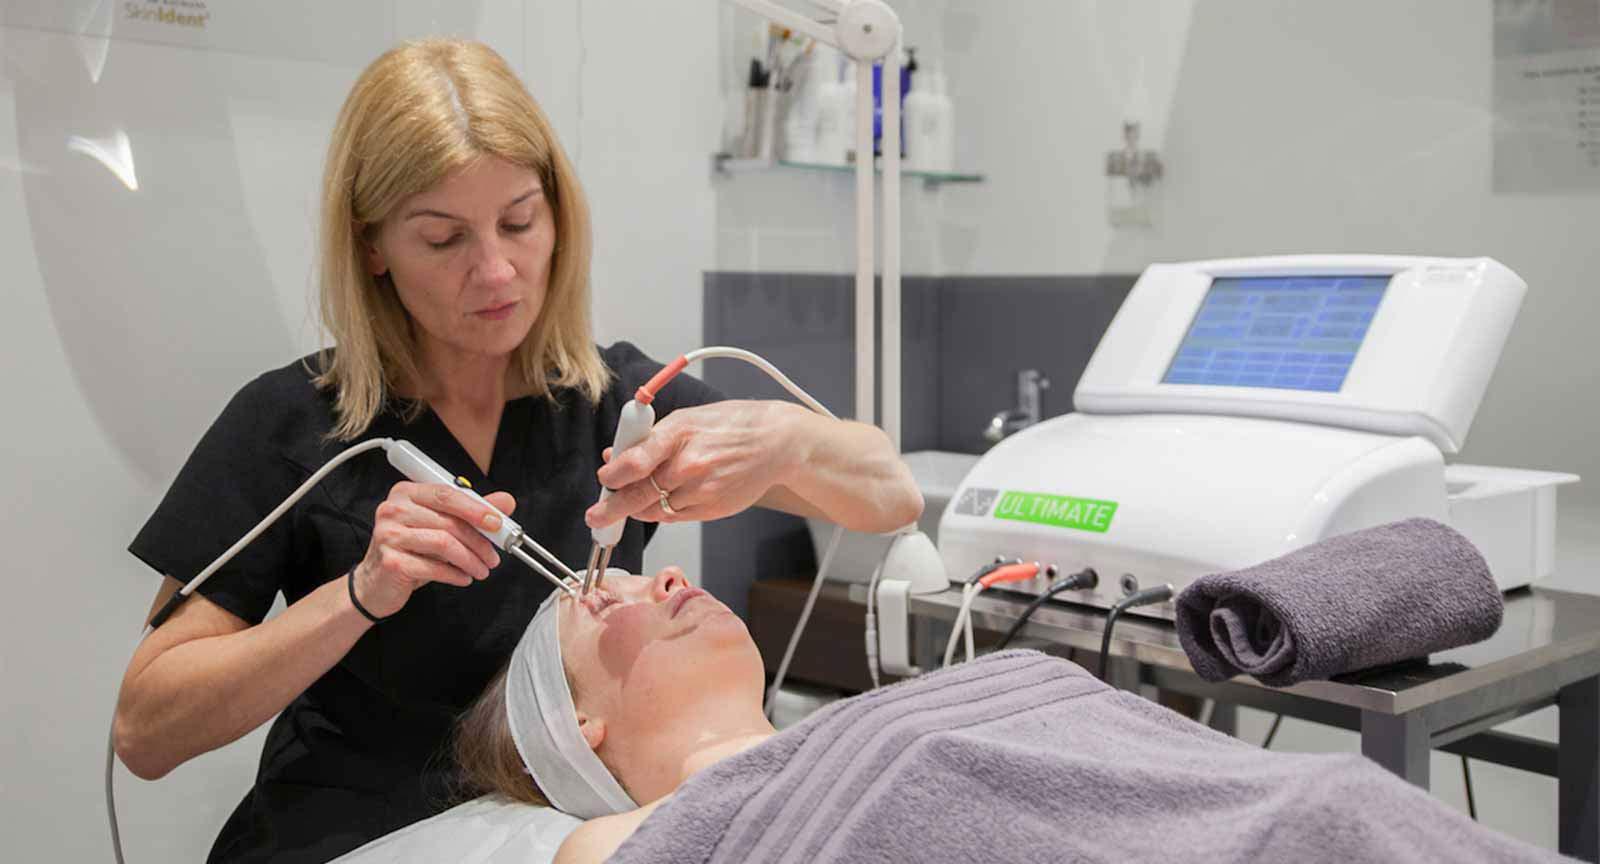 Bellissima Clinics Facial